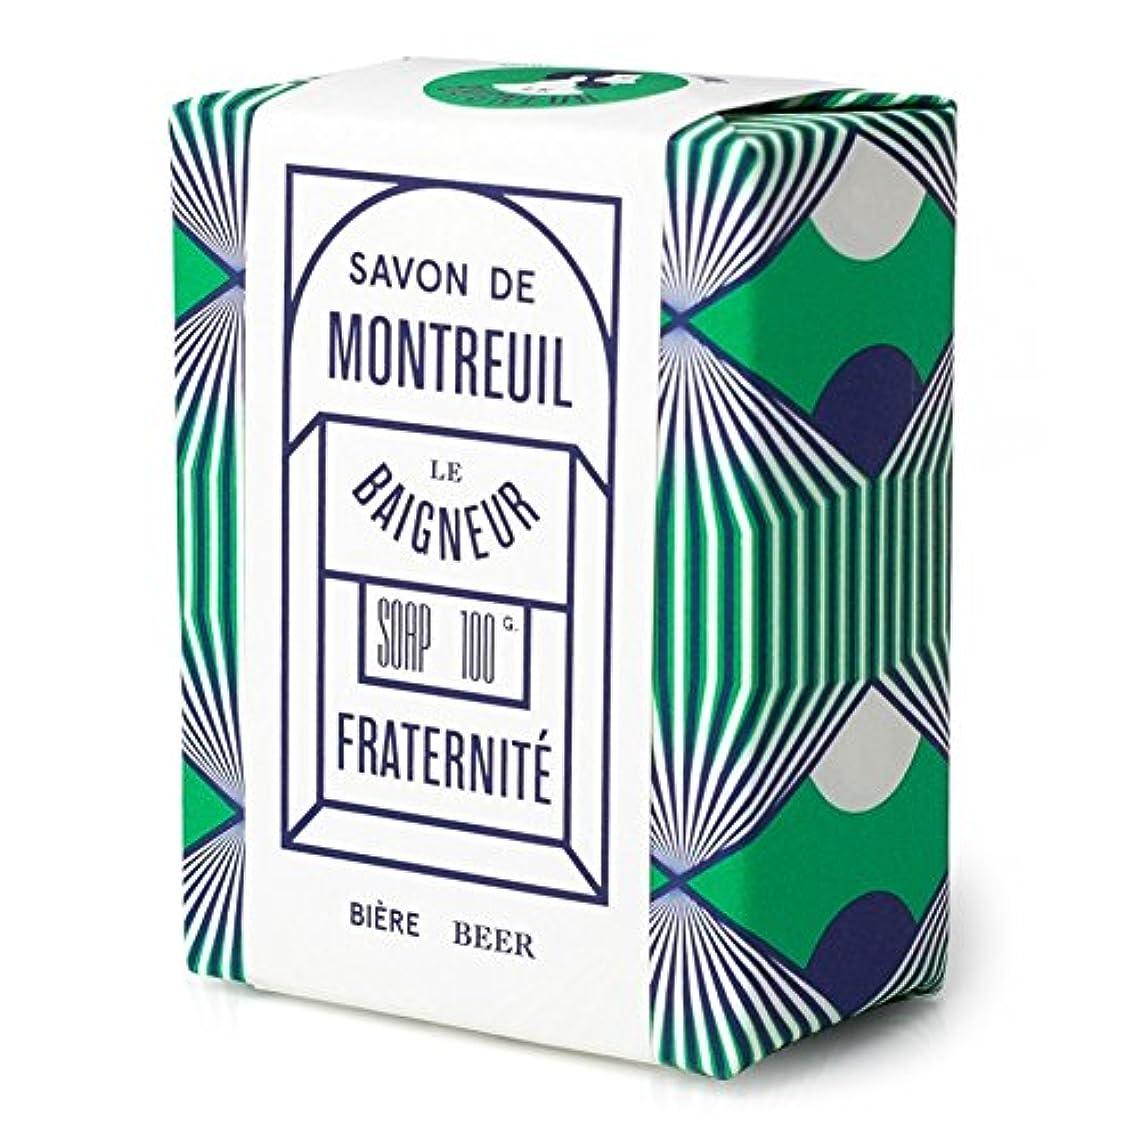 価格クスクス症候群Le Baigneur Fraternite Soap 100g - ル 石鹸100グラム [並行輸入品]